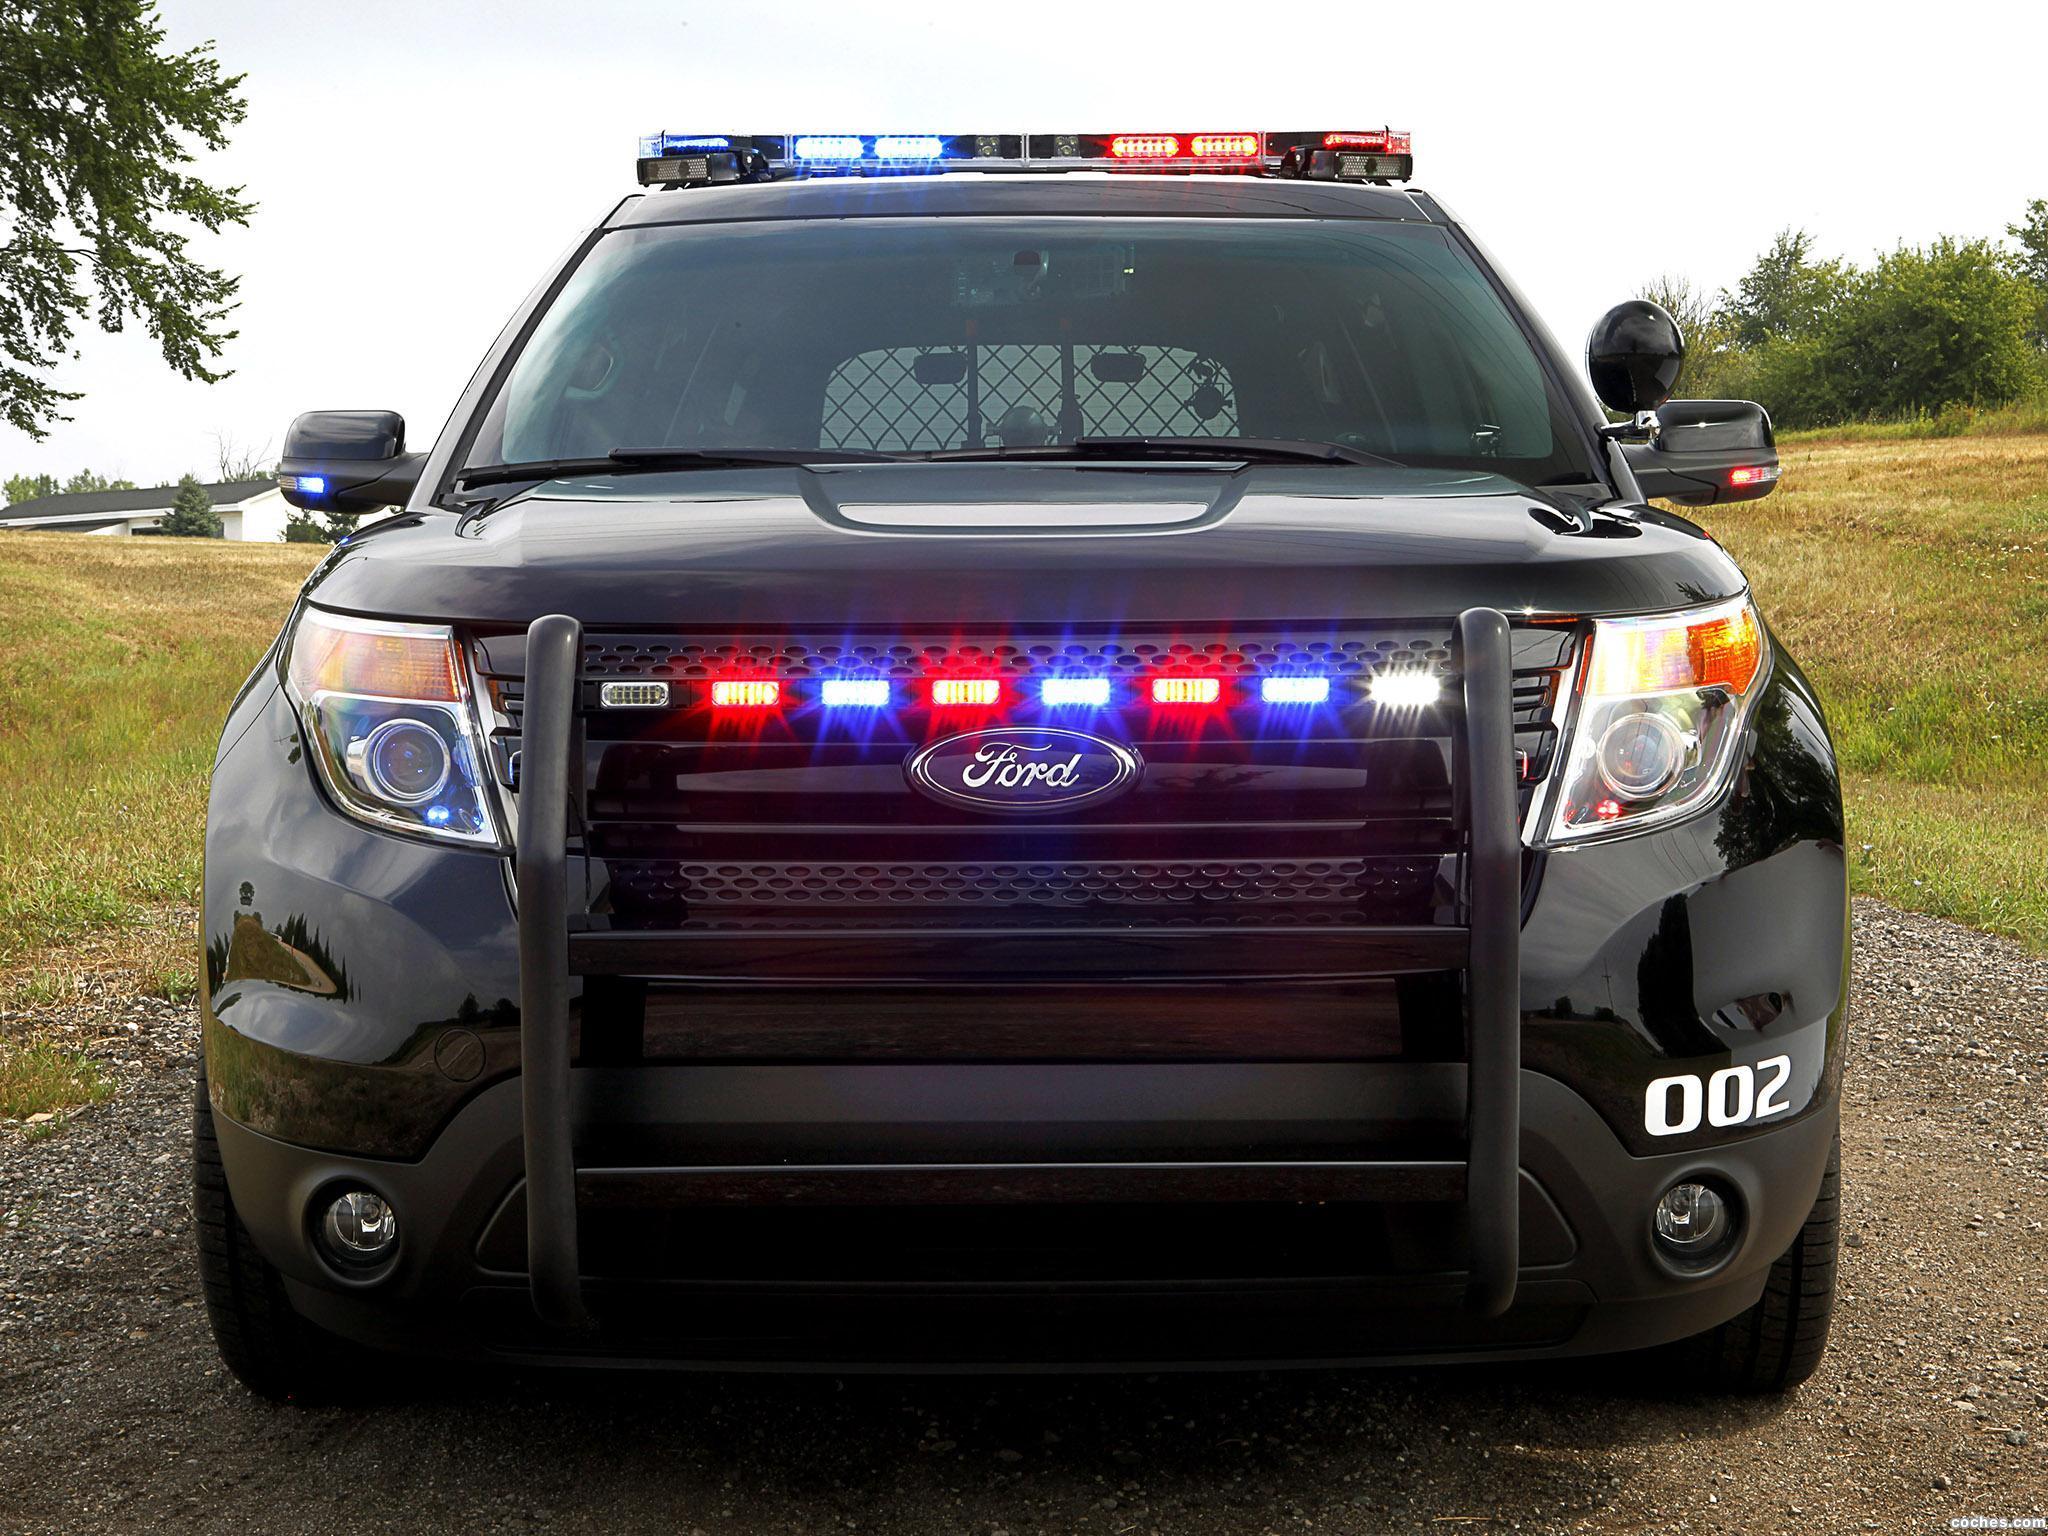 fotos de ford explorer police interceptor utility vehicle 2010 ford explorer police interceptor diagrams #10